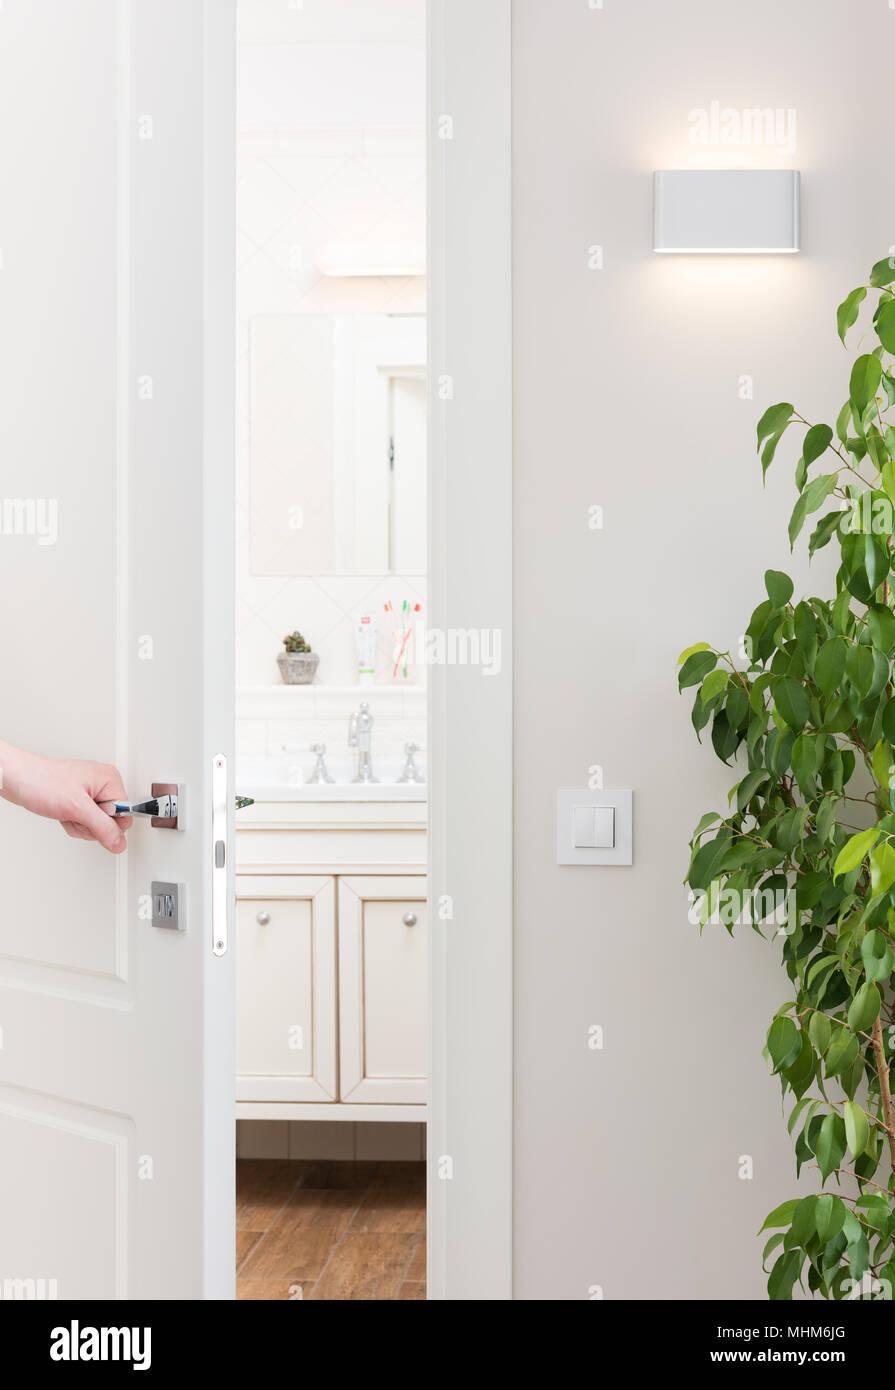 Abra la puerta del baño. Moderno y luminoso interior con elementos decorativos. Hombre mano en el asa cromada Foto de stock